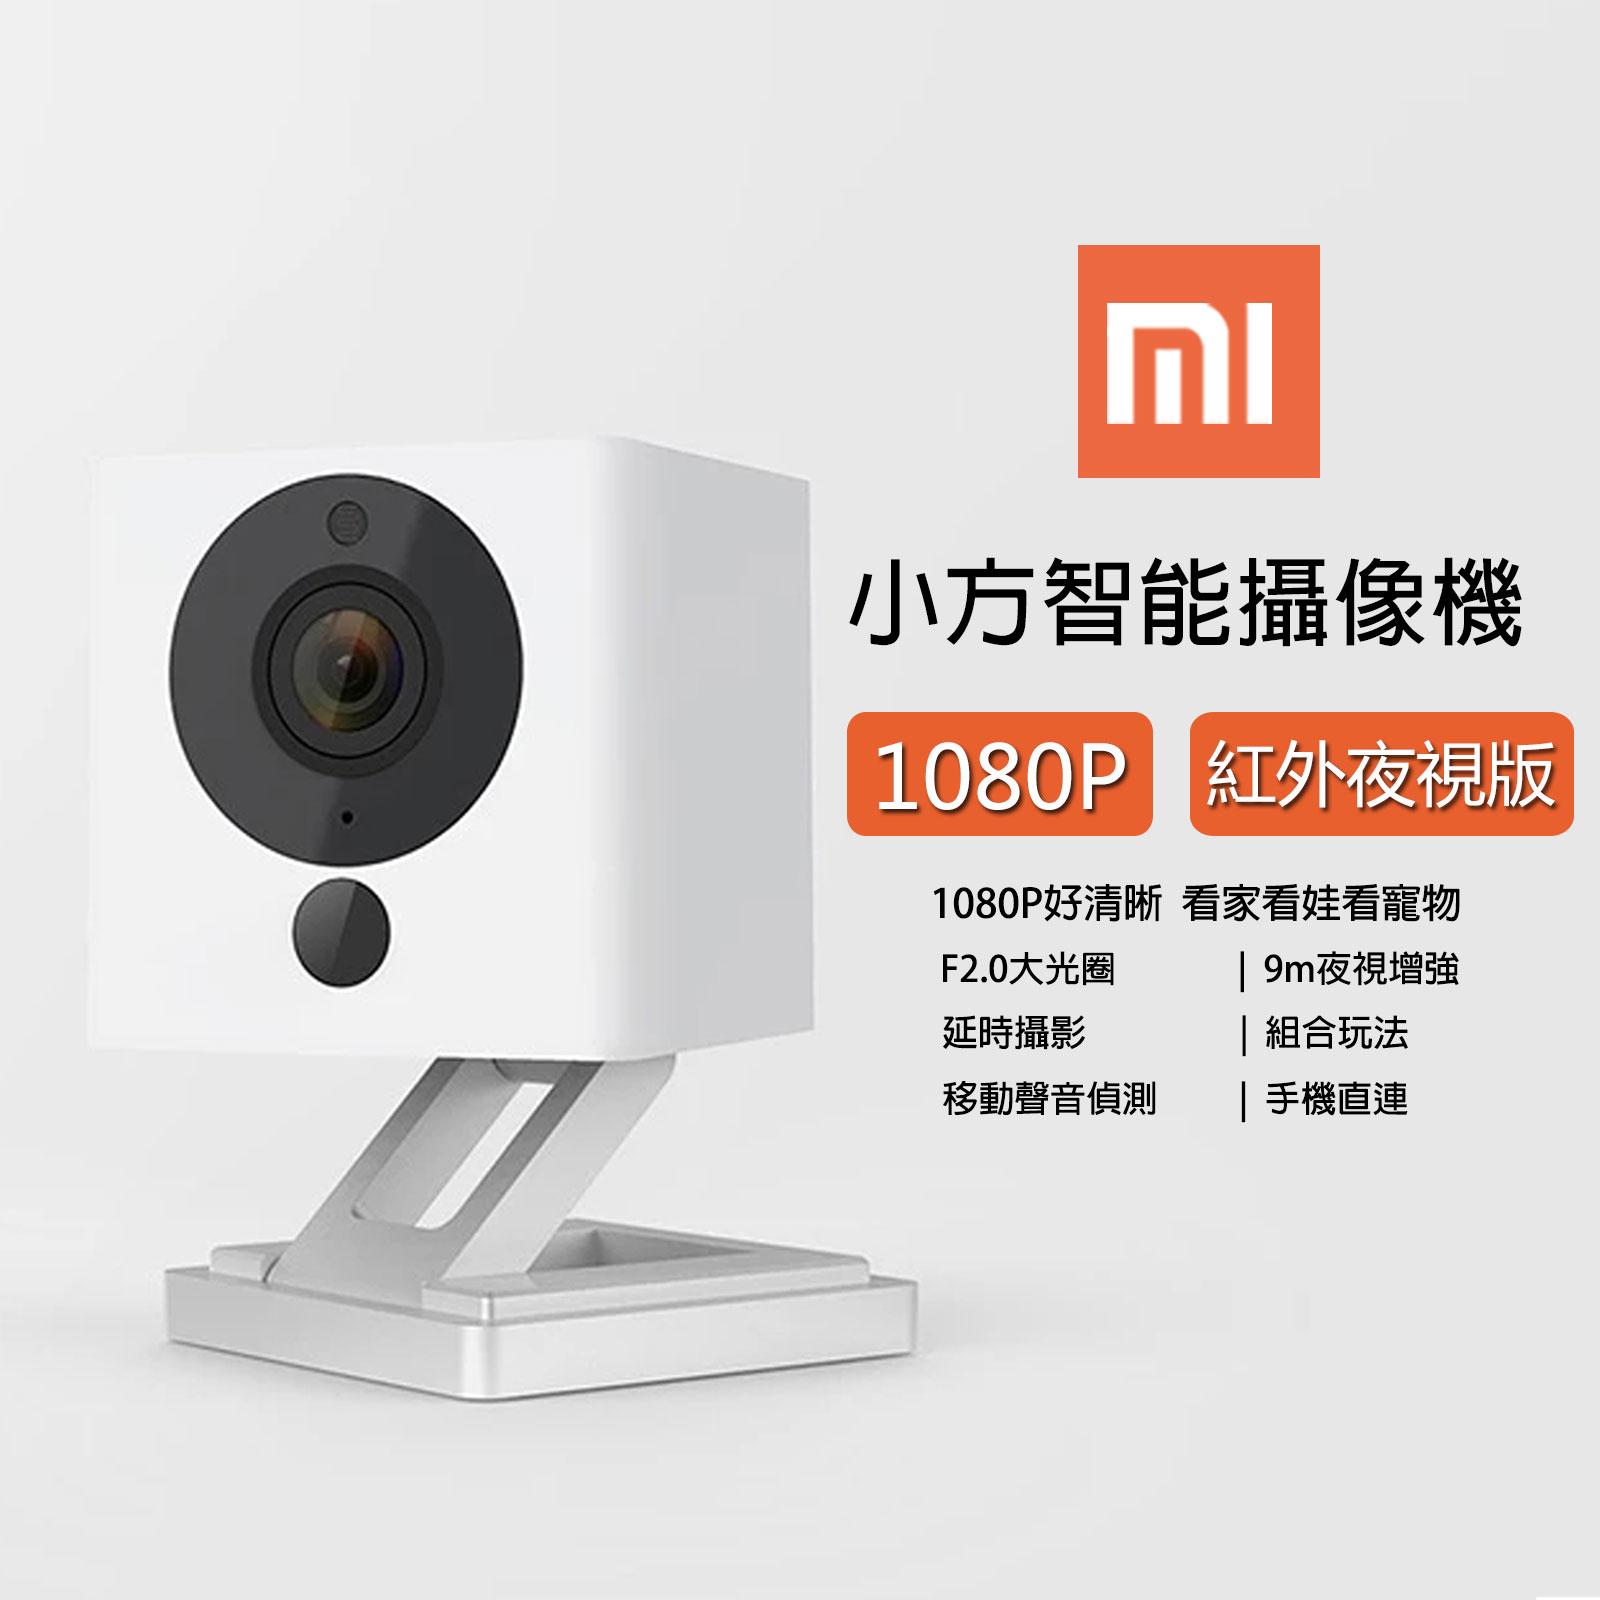 小方智慧攝影機 高畫質 1080P 夜視版 監控【O3337】☆雙兒網☆雙向語音通話 行動電源供電 非小蟻